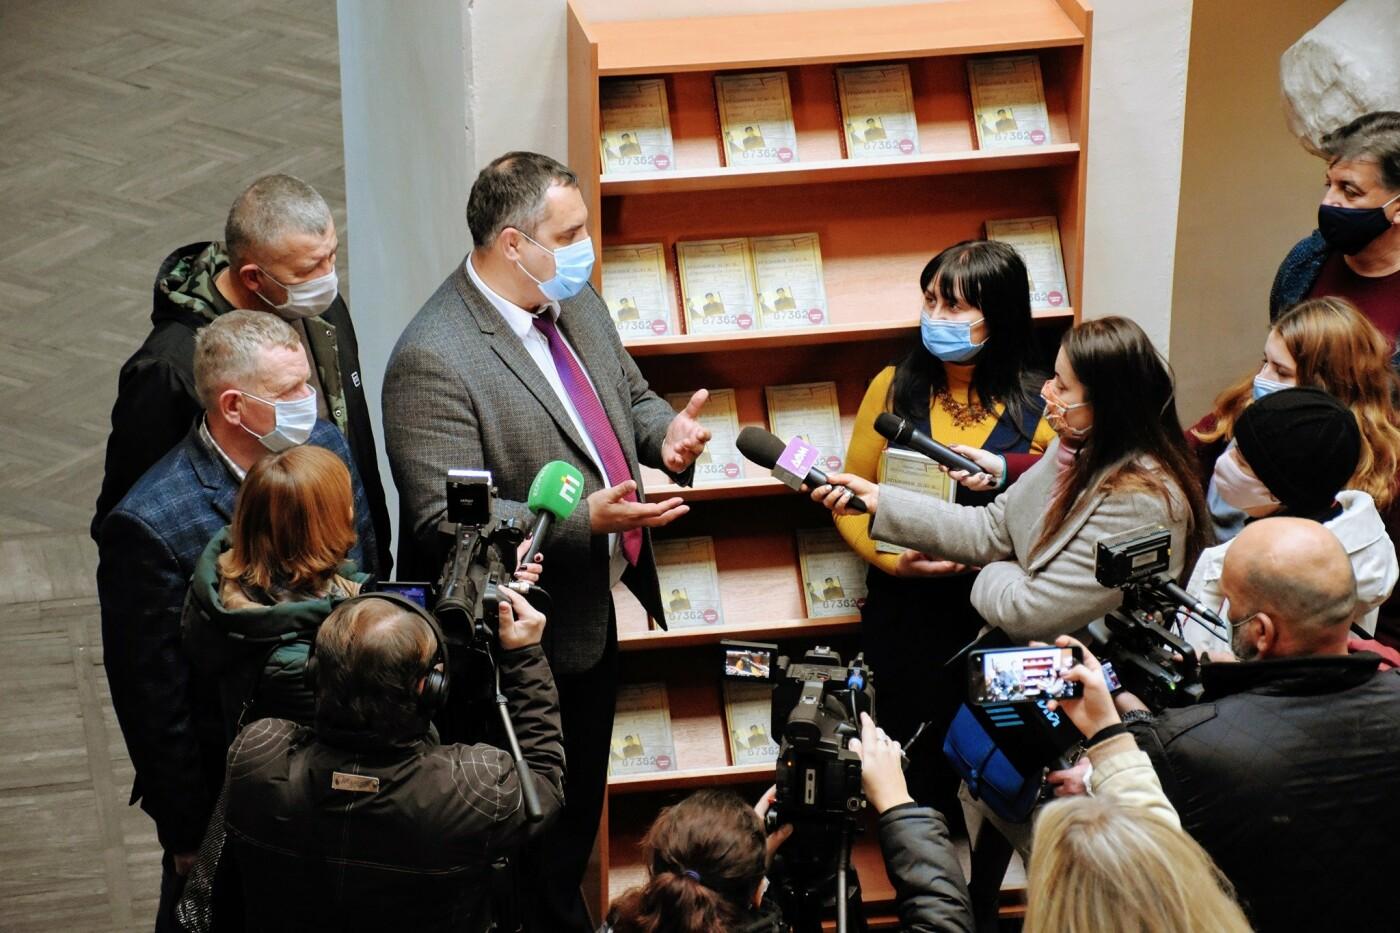 В Северодонецк привезли 600 экземпляров запрещенной книги о Стусе, фото-2